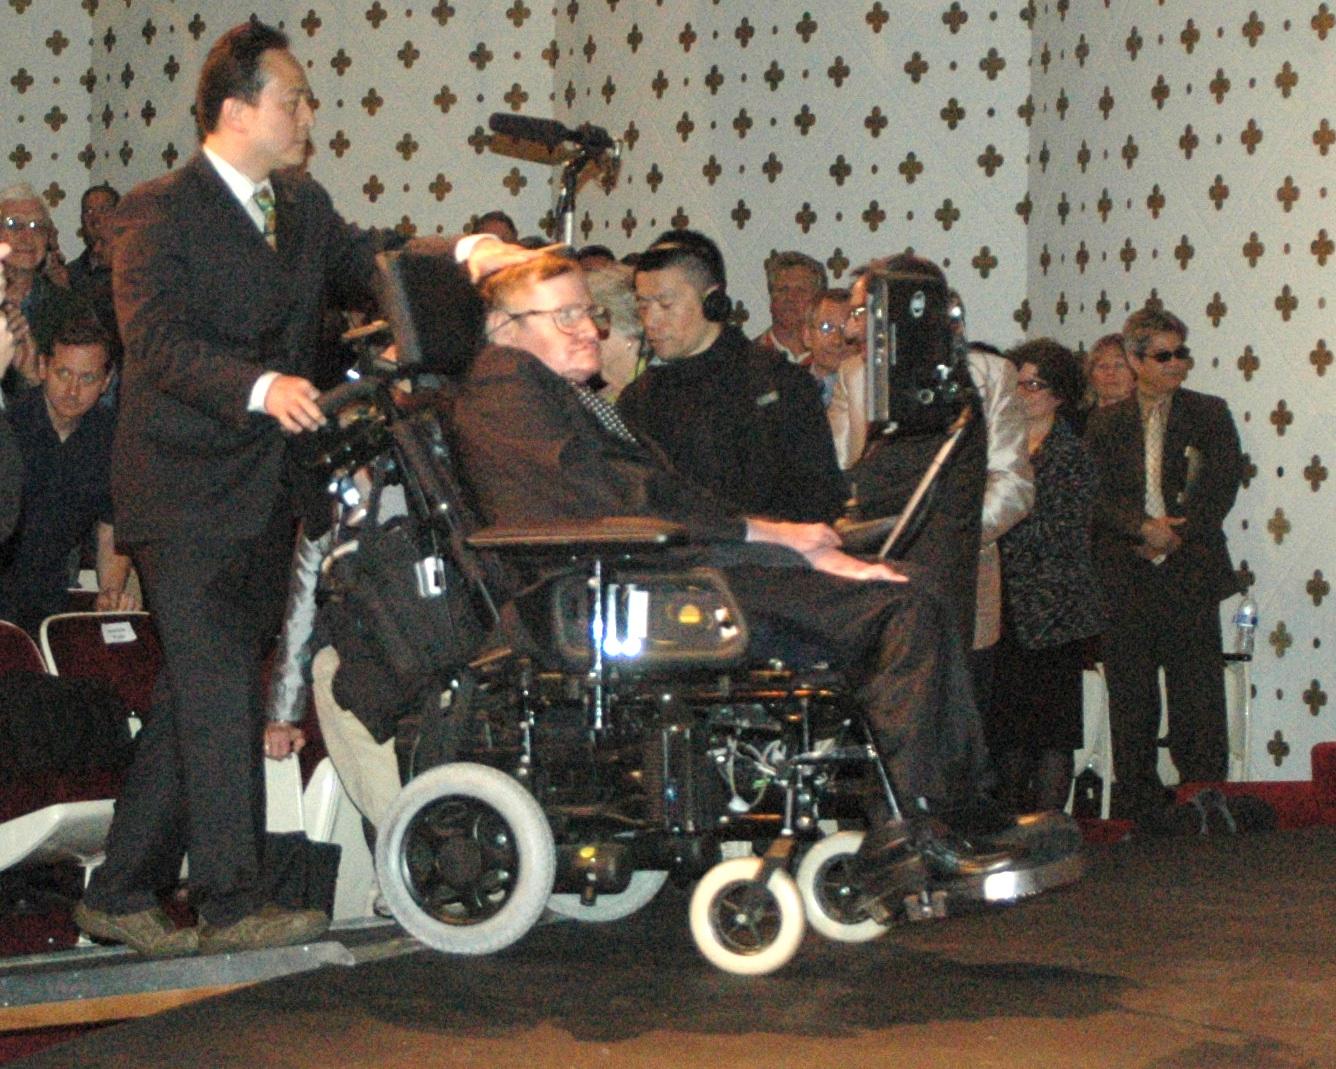 Big Bang Didn't Need God, Stephen Hawking Says